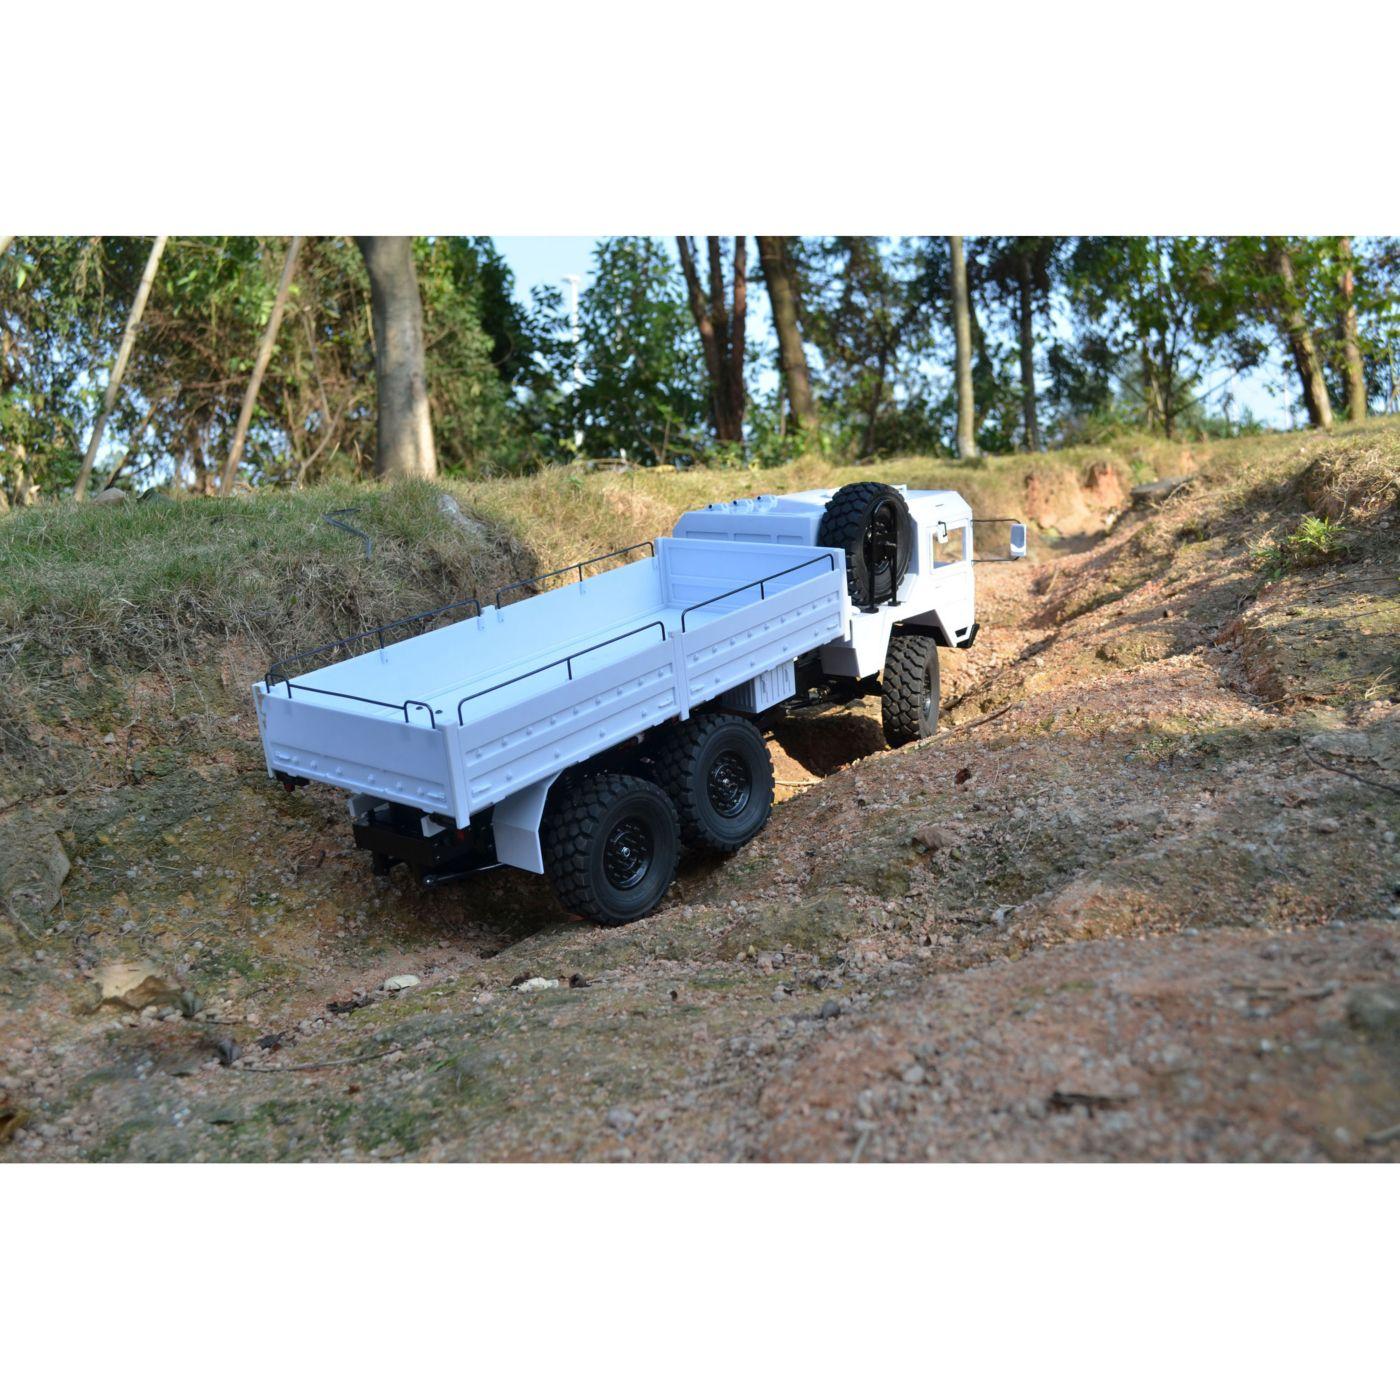 RC4WD ZK0052 - Beast II 6x6 Truck Kit